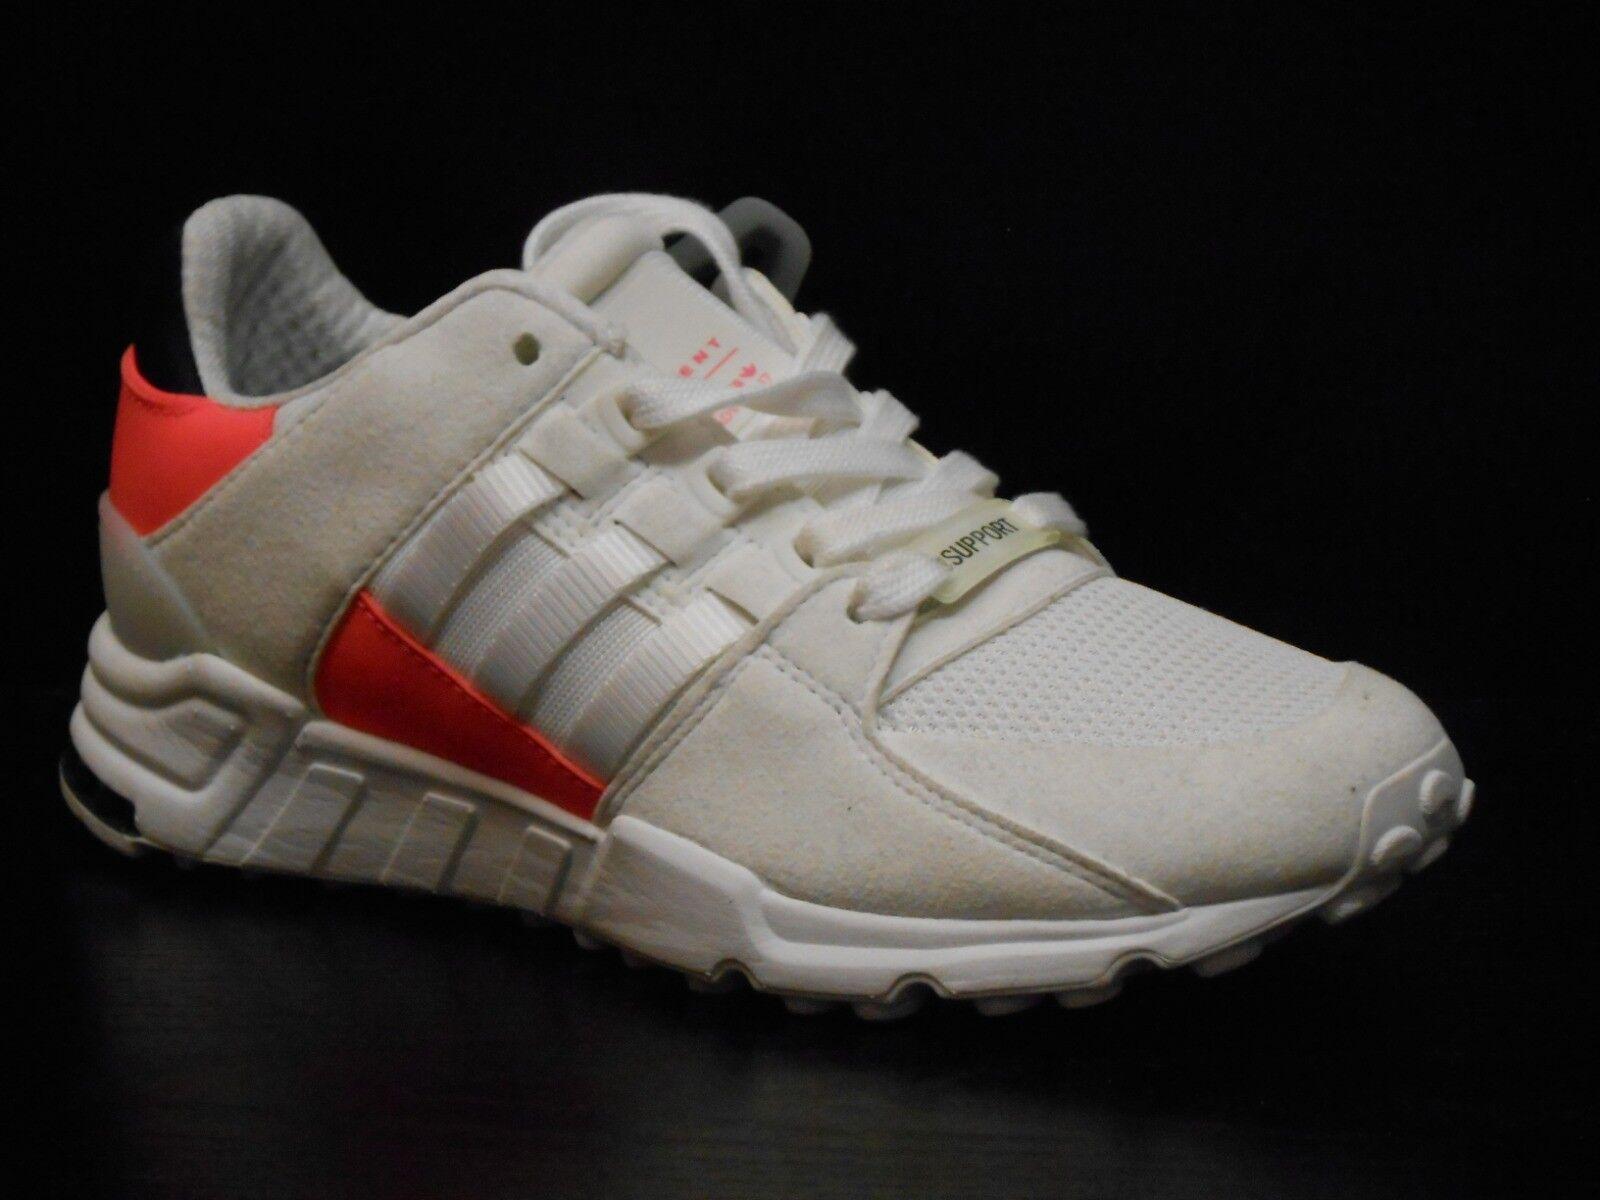 Adidas eqt sostegno delle ragazze donne trainer fattore scarpe 4.5 correndo notte fattore trainer fc31b3